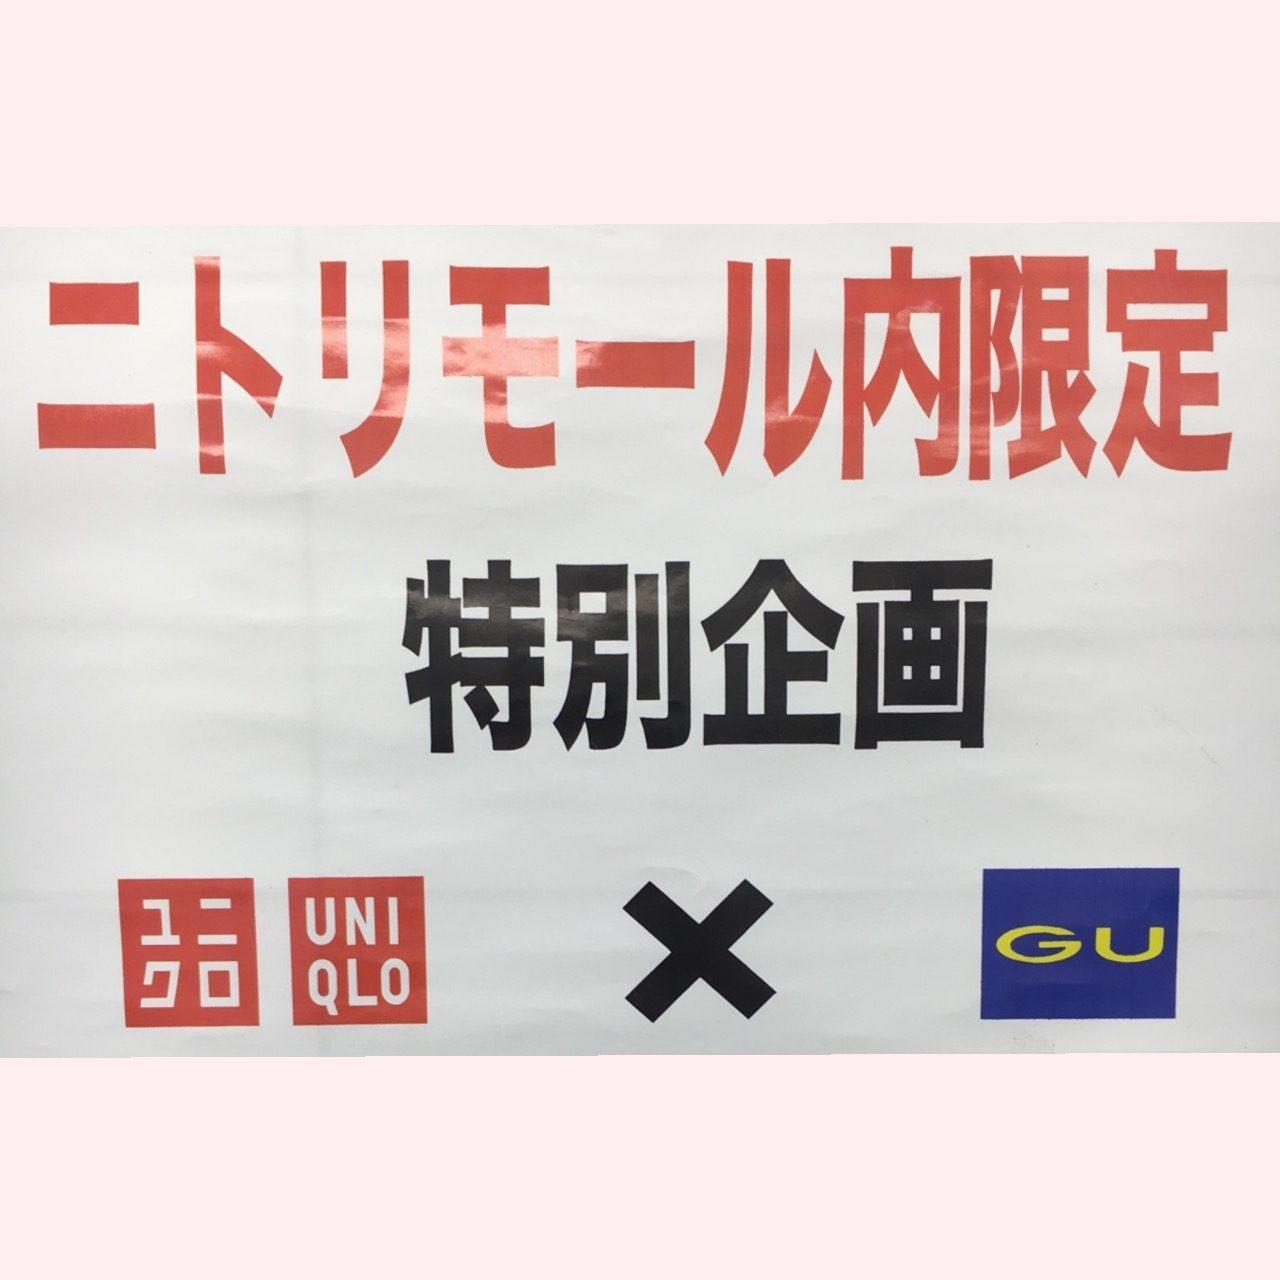 ★★GU×ユニクロ合同企画★★